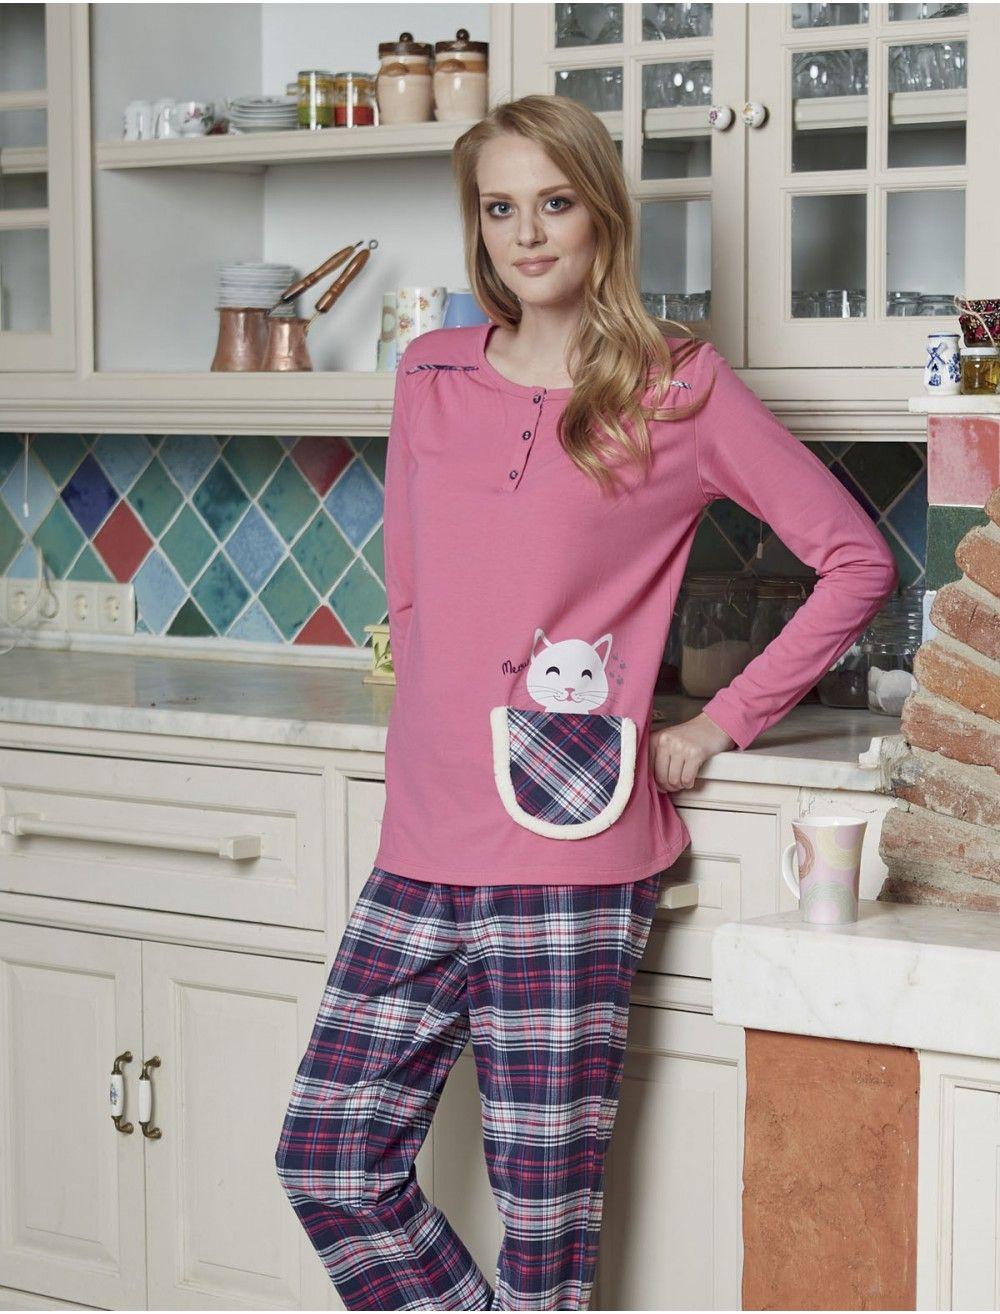 Ekoseli bayan kışlık pijama takımı. Pjs Bayan Pijama Takımı 1404. Orjinal  Pjs marka yeni